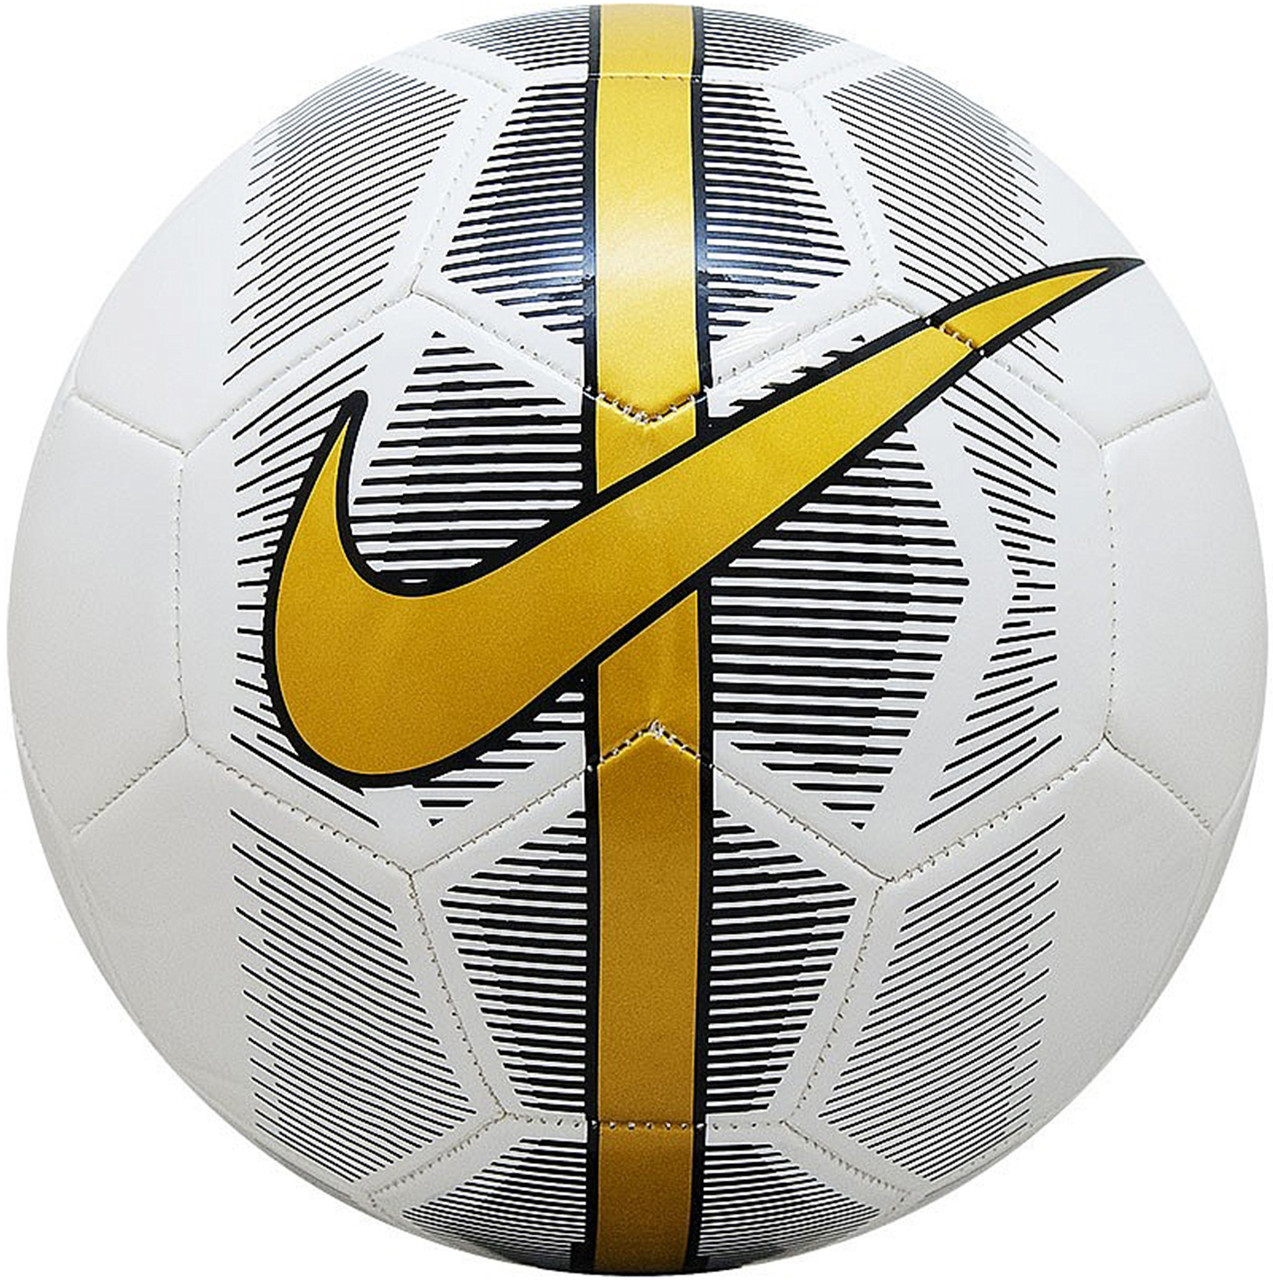 Мяч футбольный Nike Mercurial Fade SC3023-101 Size 5